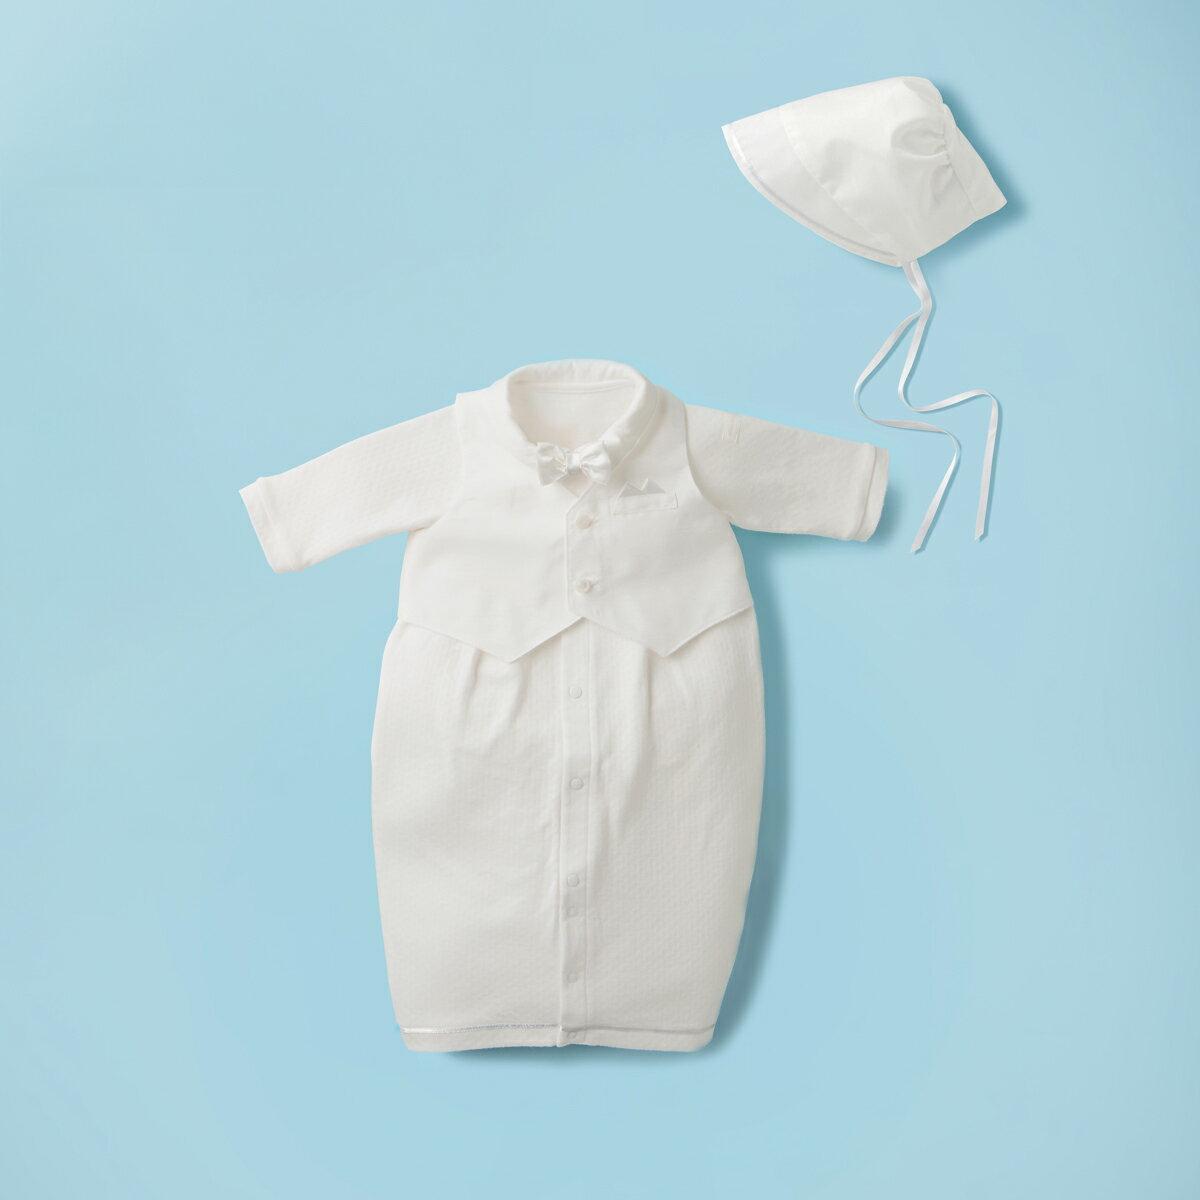 ベスト&蝶ネクタイ付き天竺素材のツーウェイオールセット(50cm-60cm)